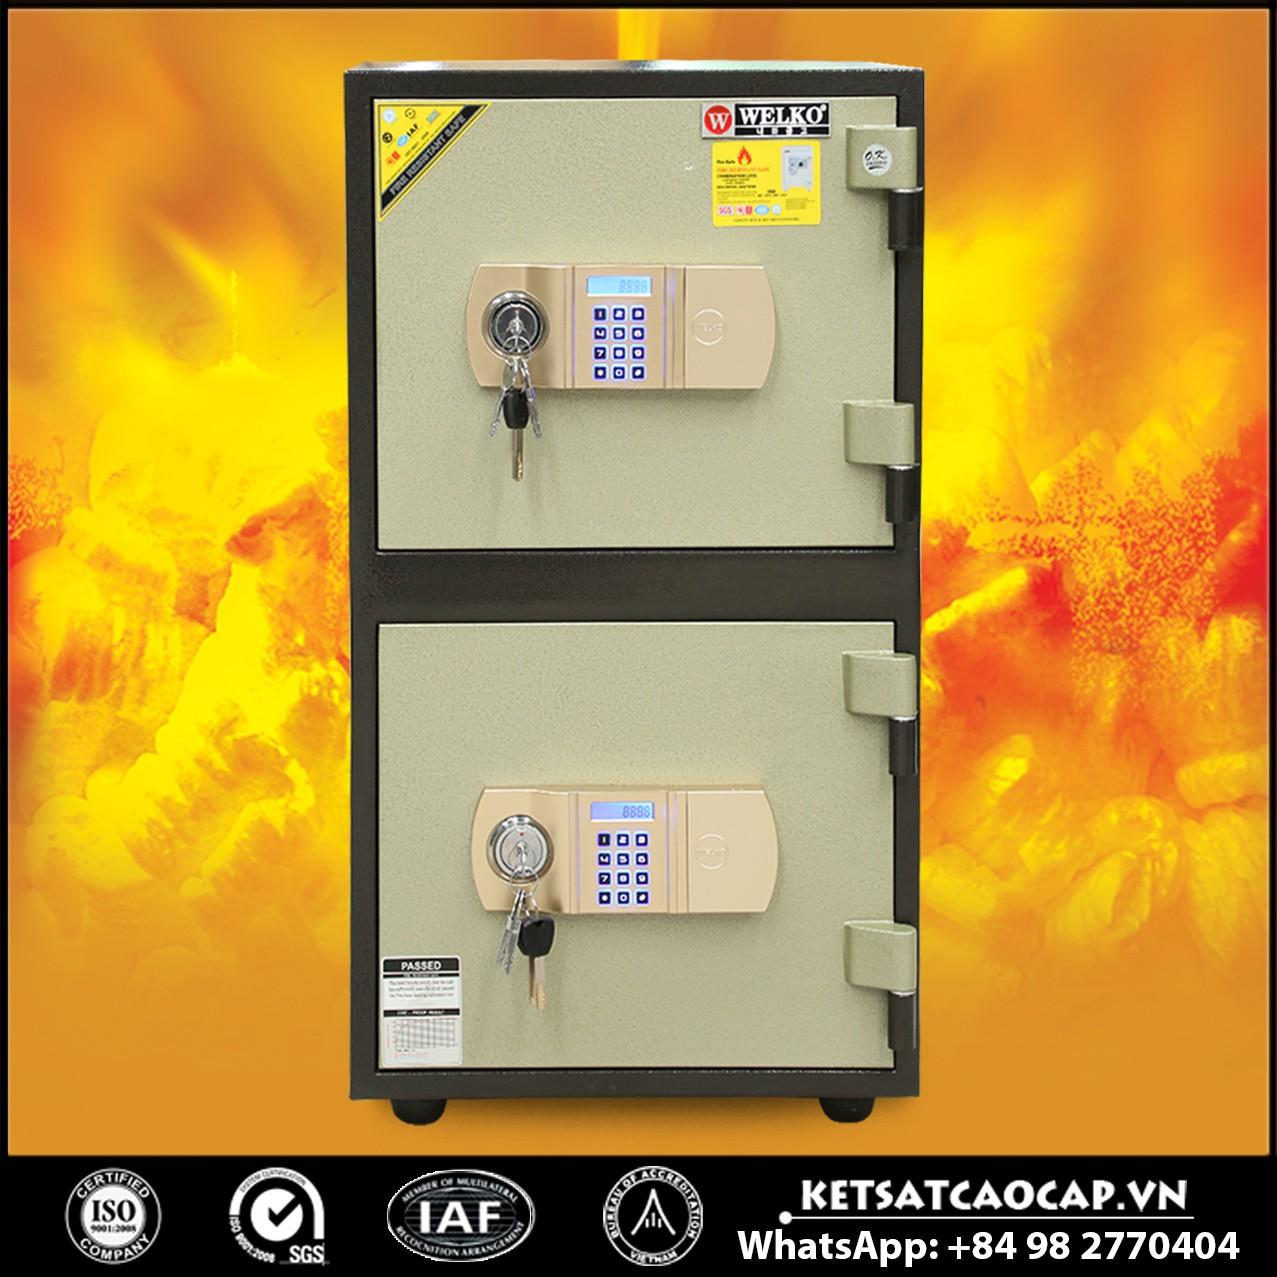 Két Sắt Hai Tầng WELKO LX800 T2 - E